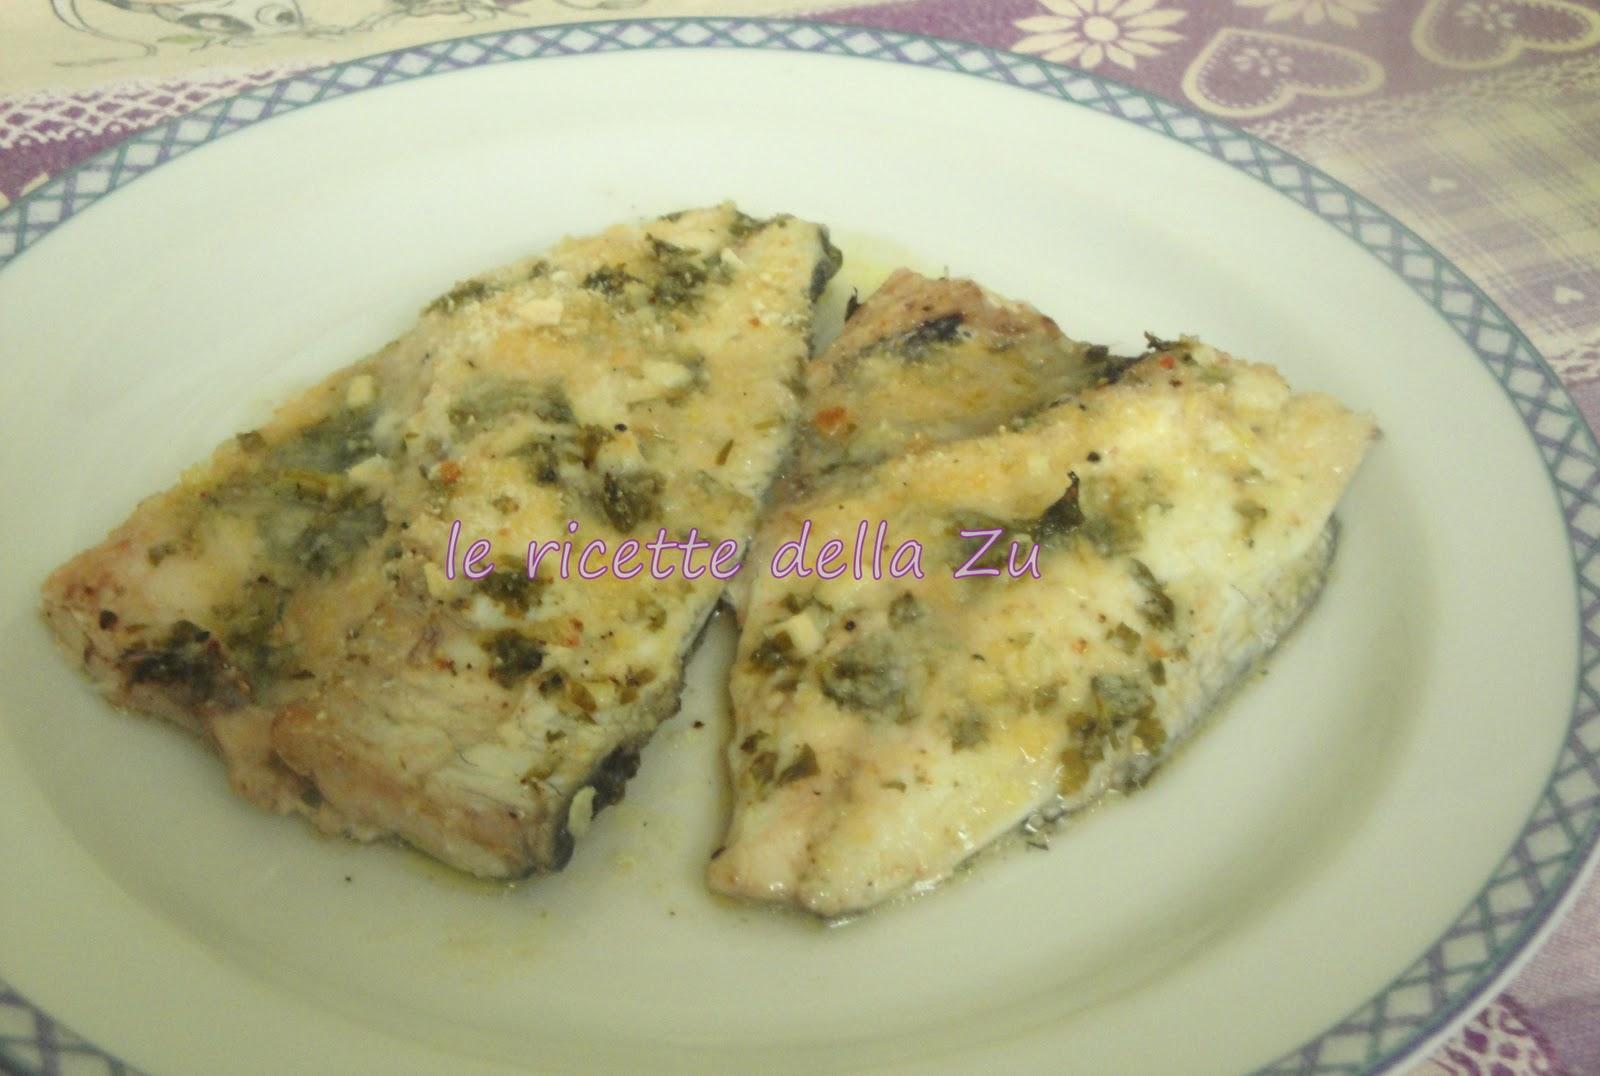 ... ricette della Zu: Filetto di orata marinata al limone con pangrattato